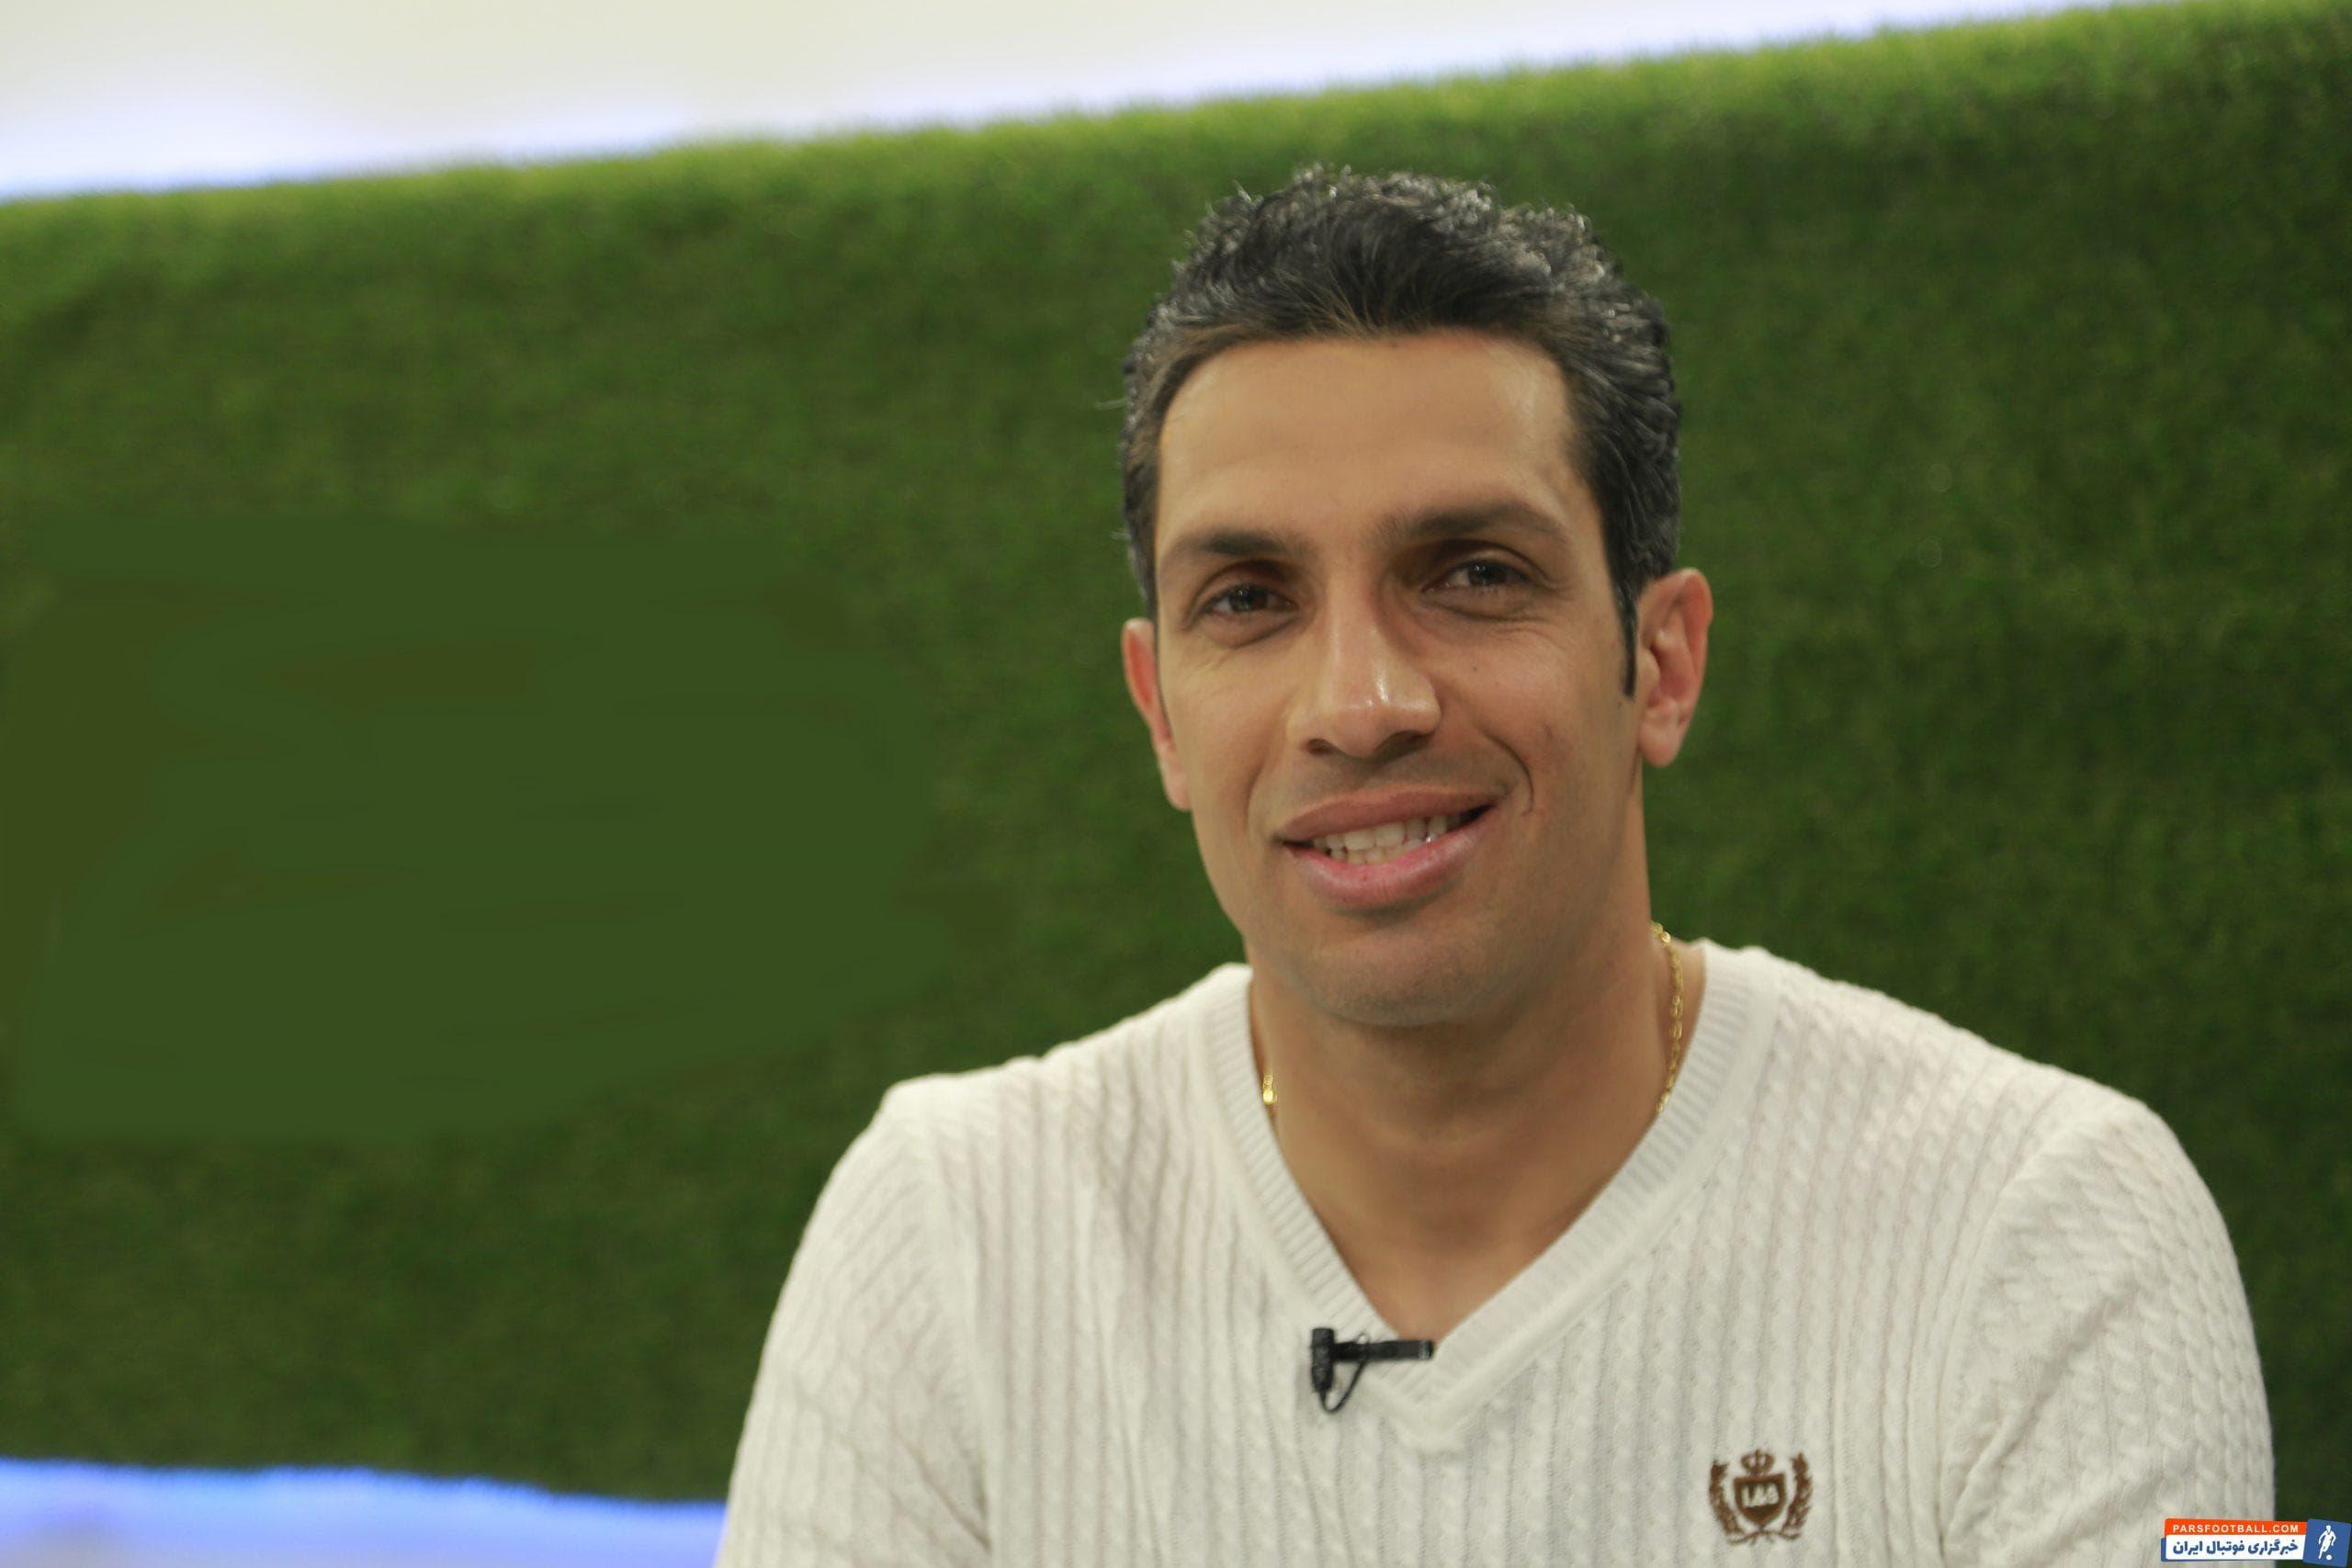 پرسپولیس ؛ سپهر حیدری : شک ندارم که پرسپولیس دو هفته مانده به پایان لیگ قهرمان میشود